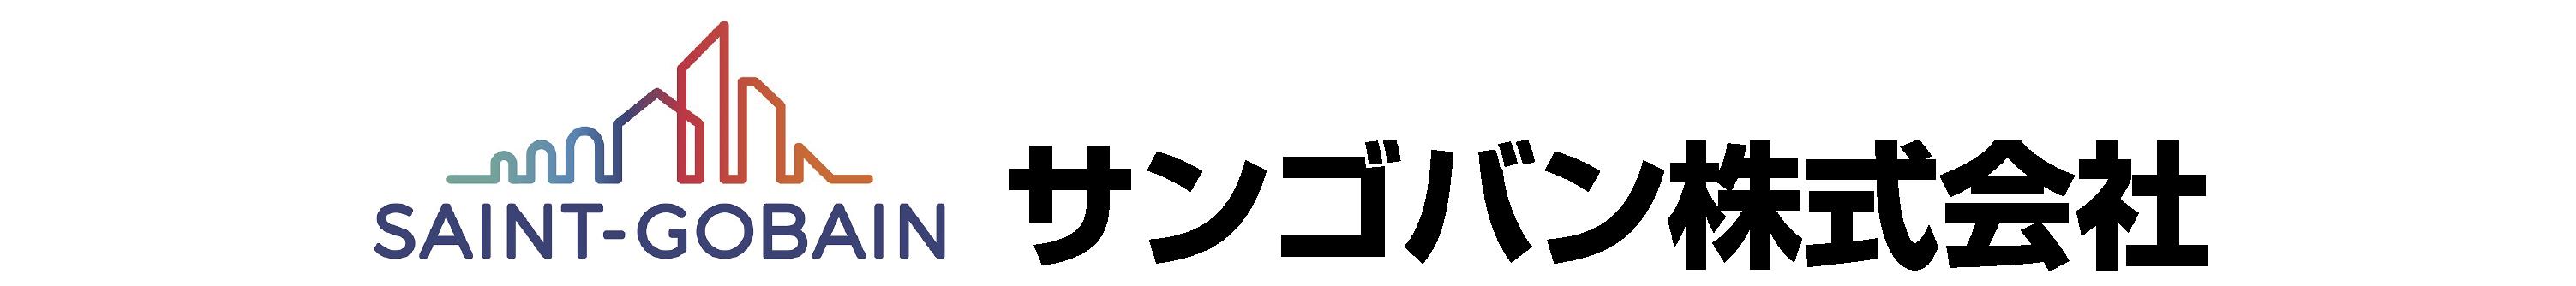 サンゴバン株式会社機能樹脂事業部